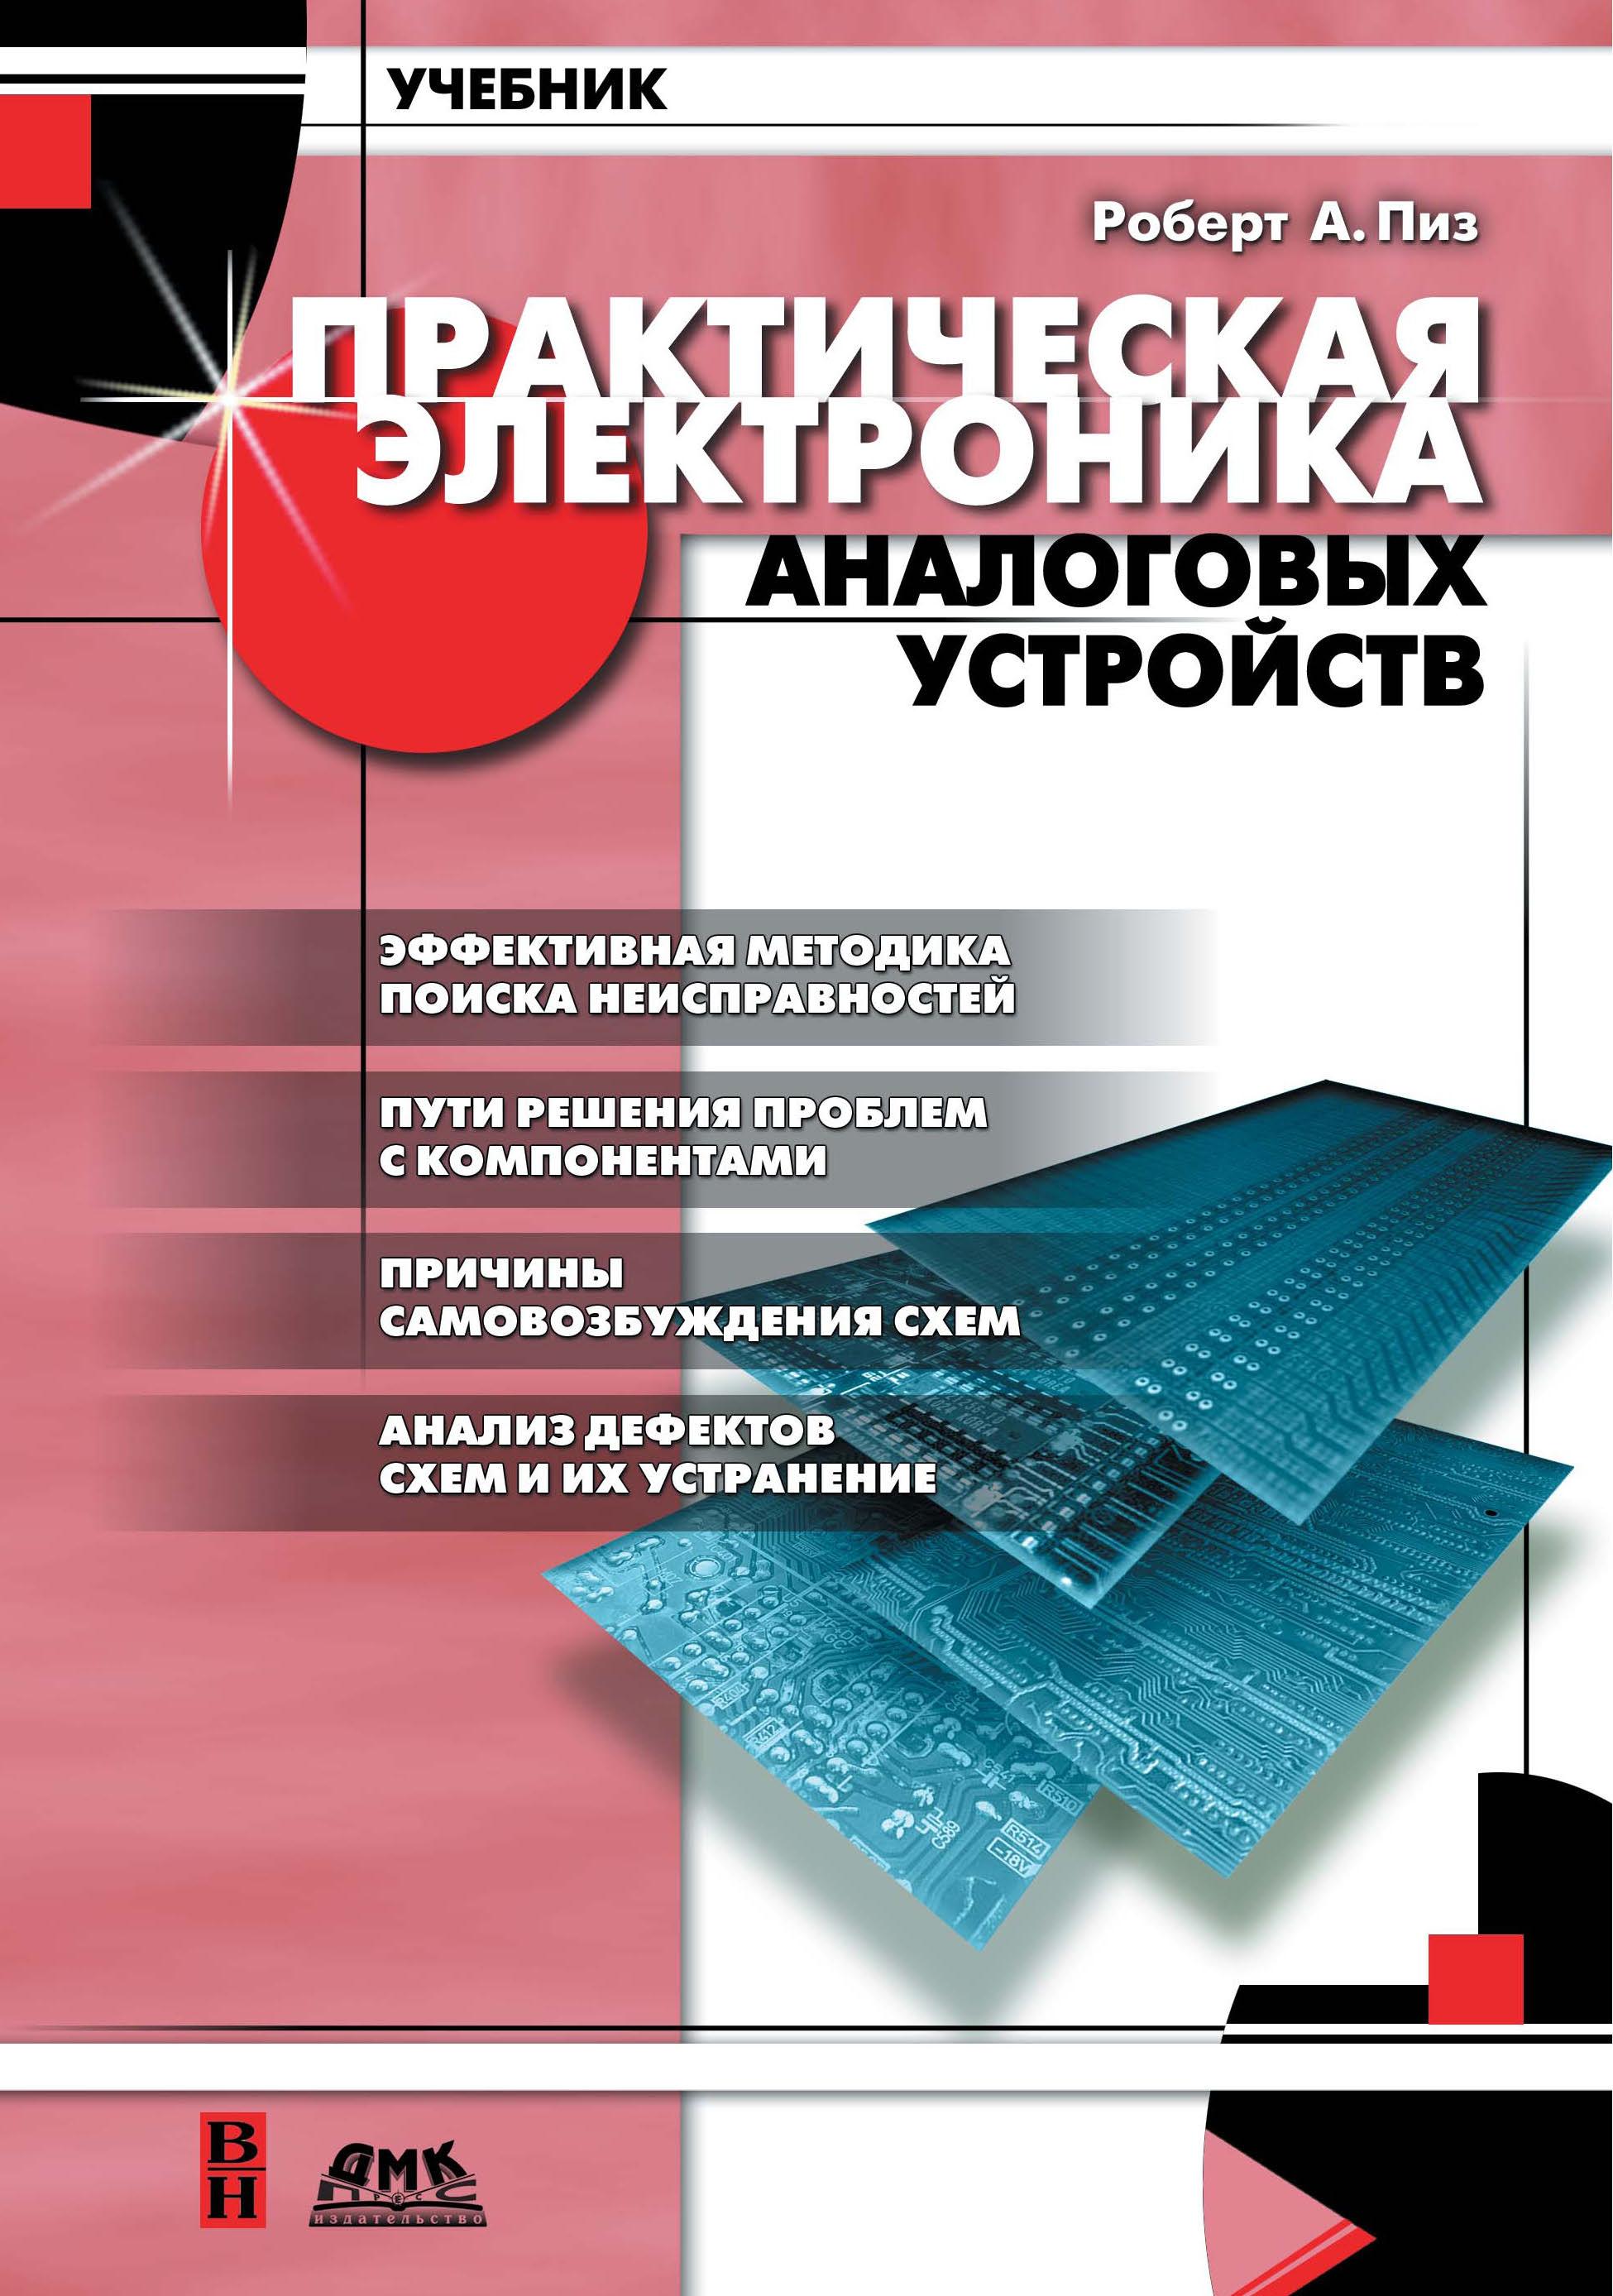 Роберт А. Пиз Практическая электроника аналоговых устройств. Поиск неисправностей и отработка проектируемых схем